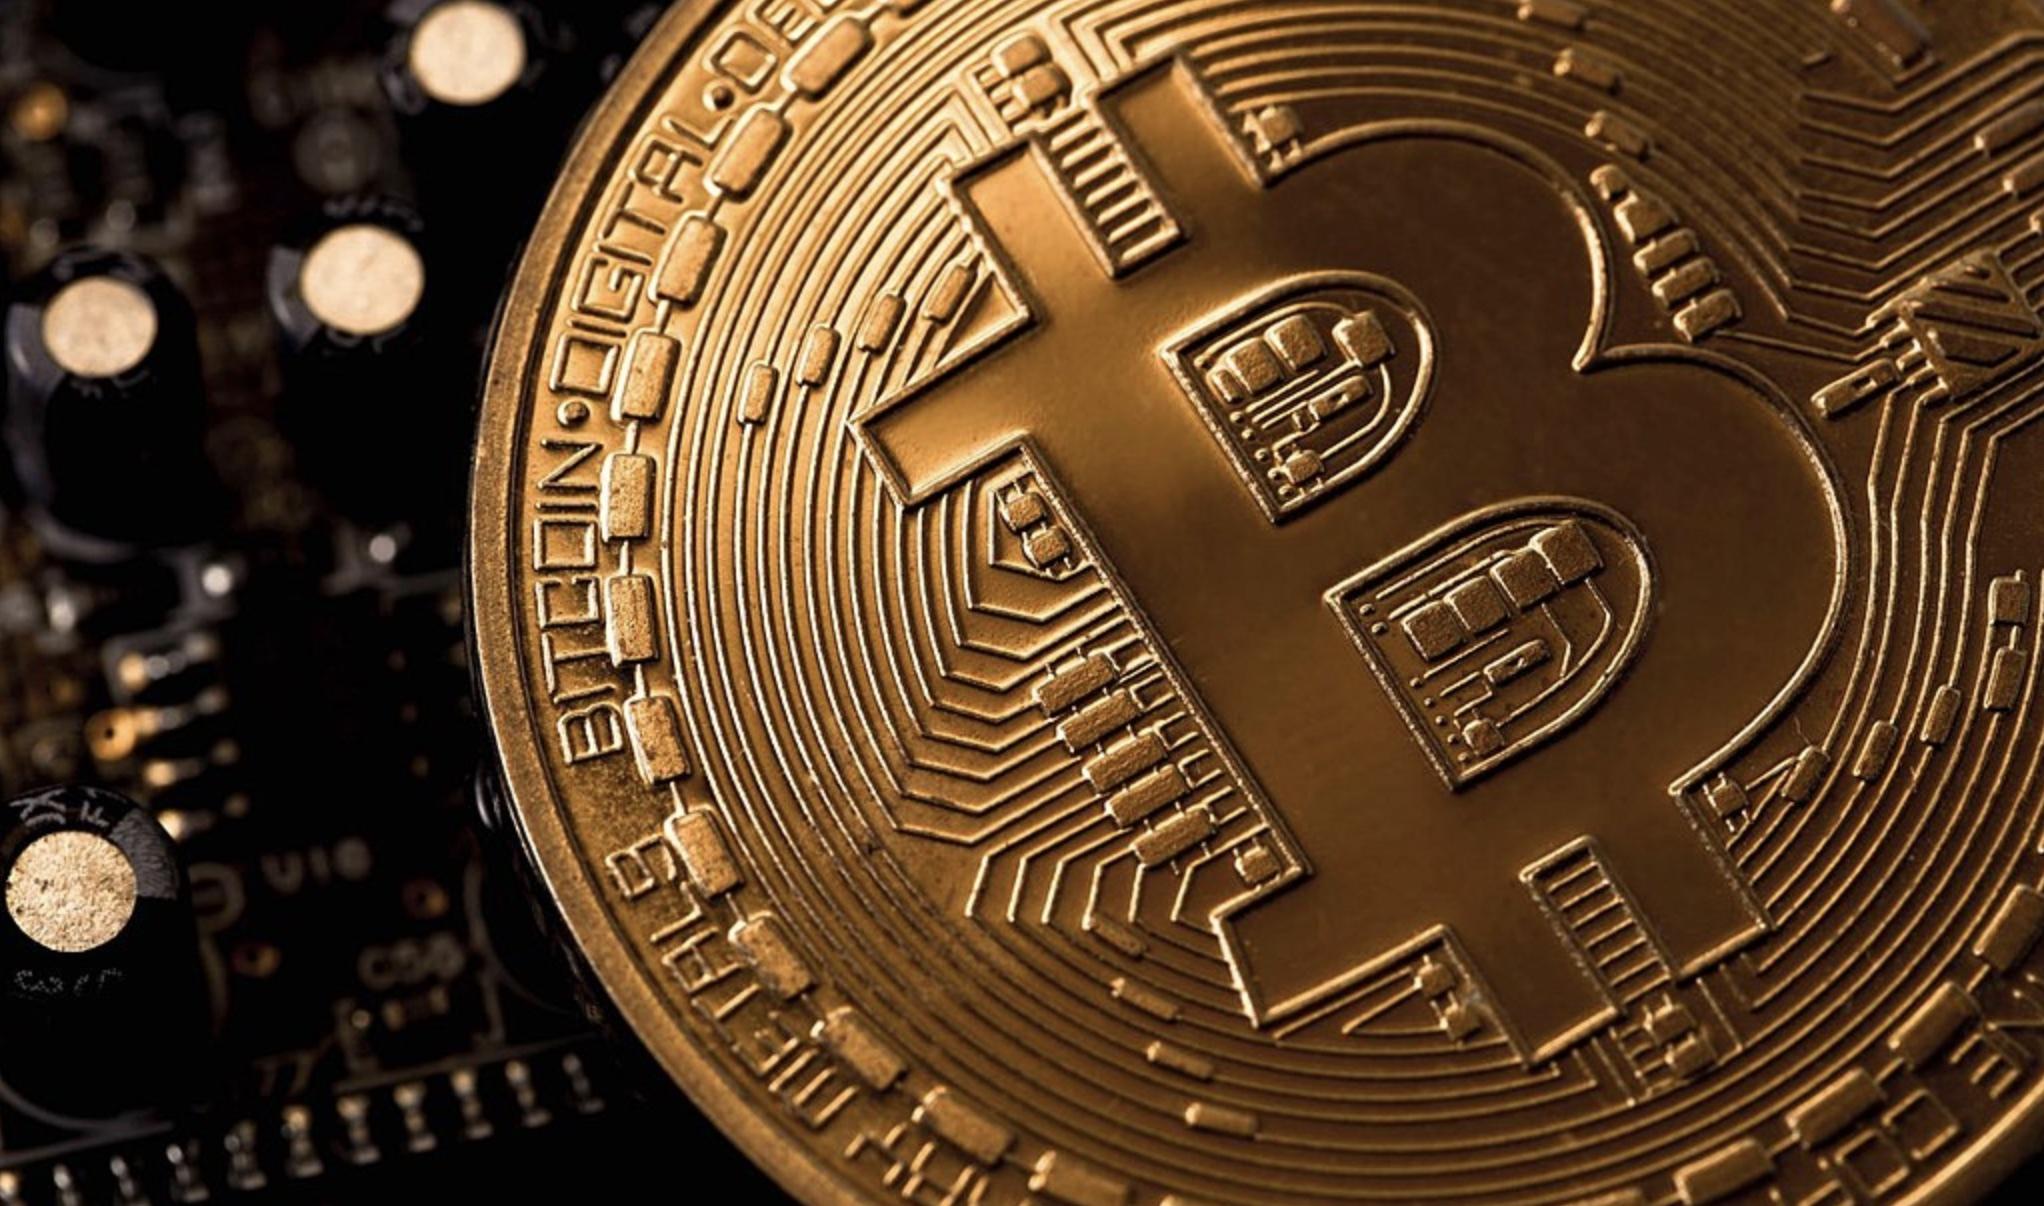 telsa-bitcoin-ban-india